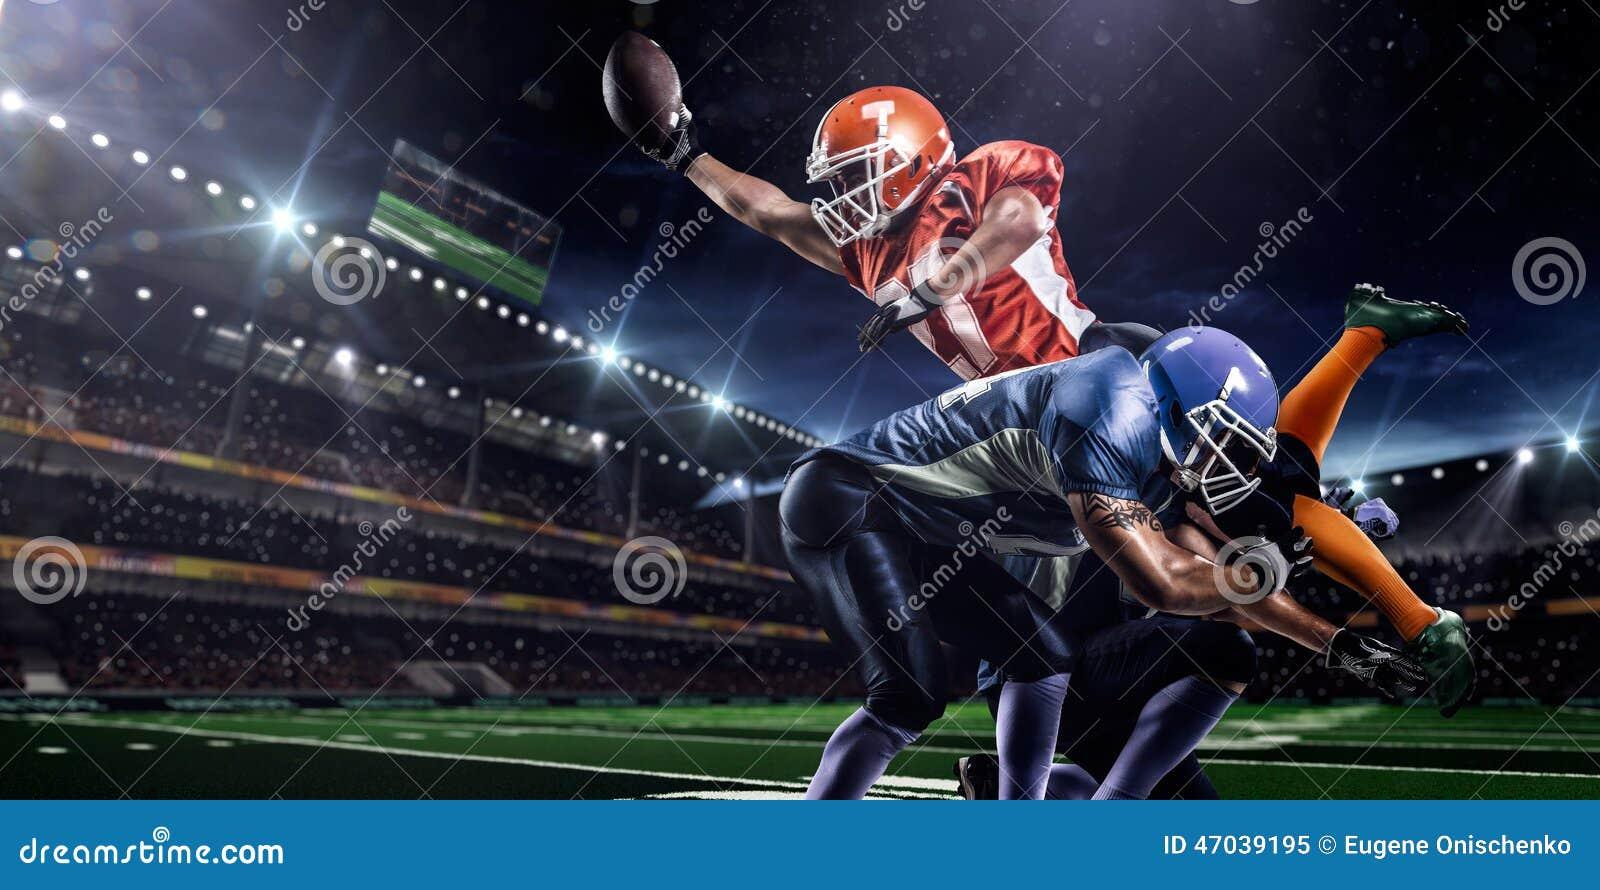 Amerikansk fotbollsspelare i handling på stadion